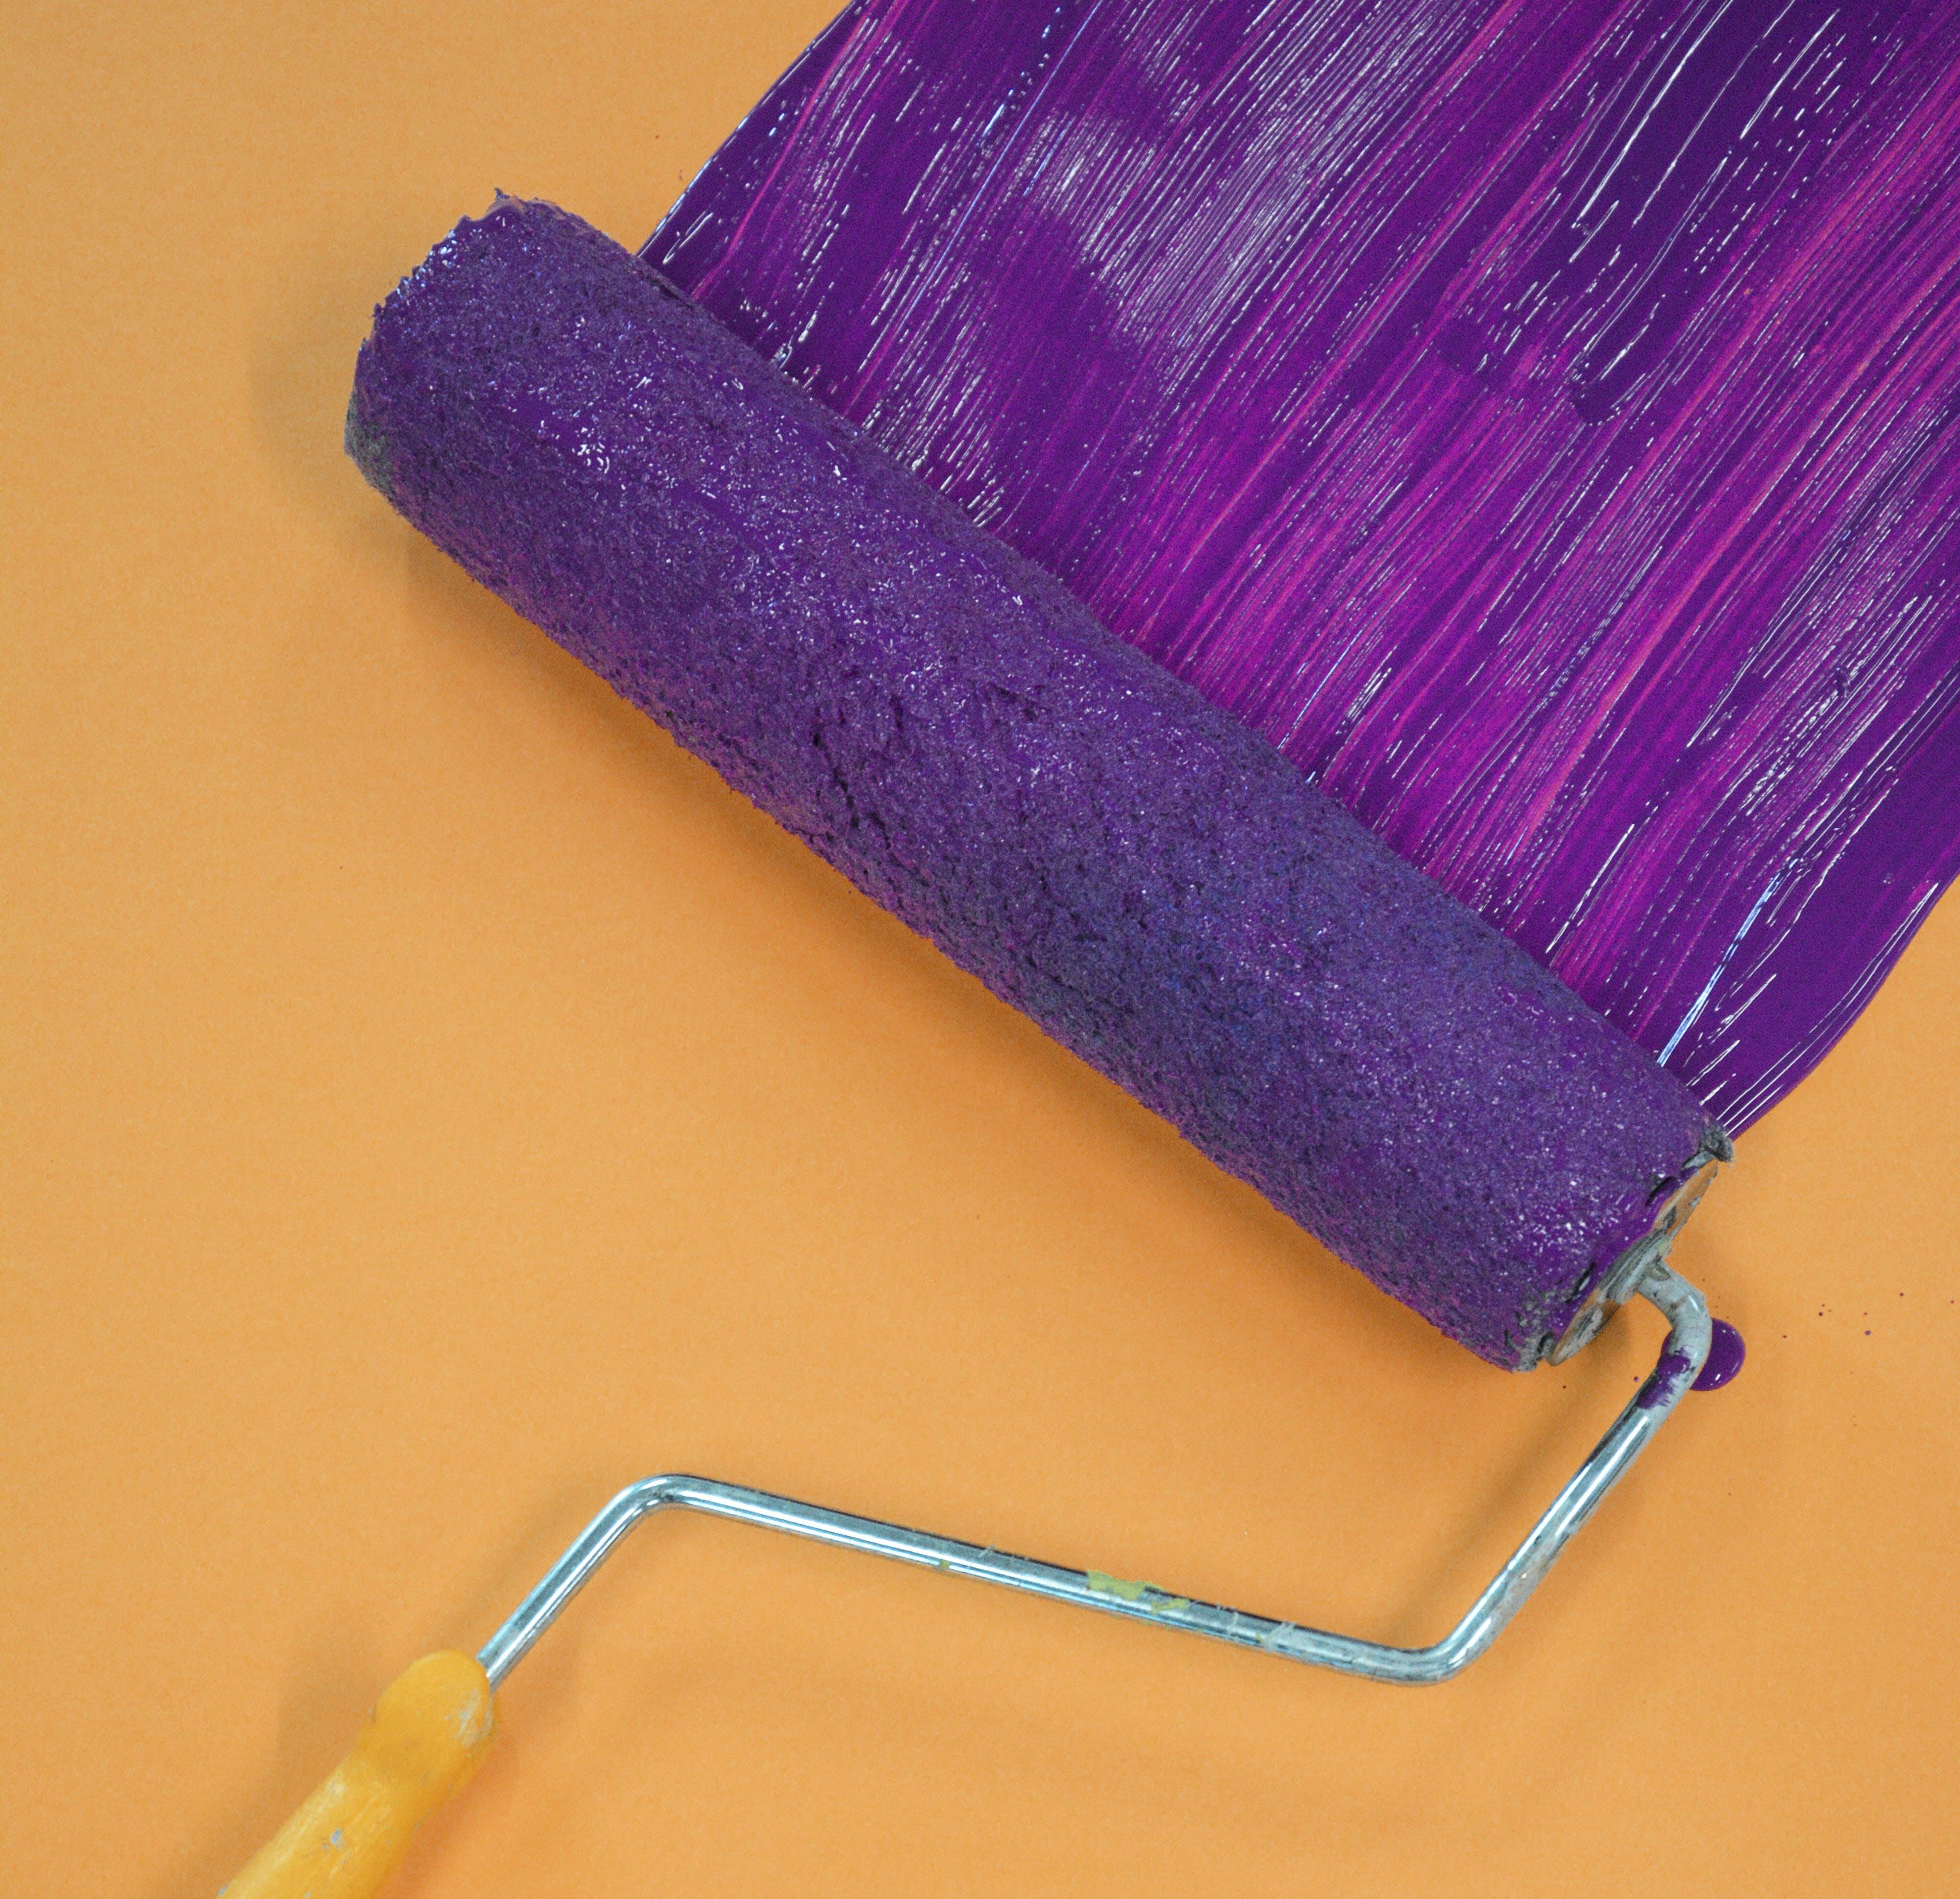 Gratis stockfoto met designen, inkleuren, kleur, kunst